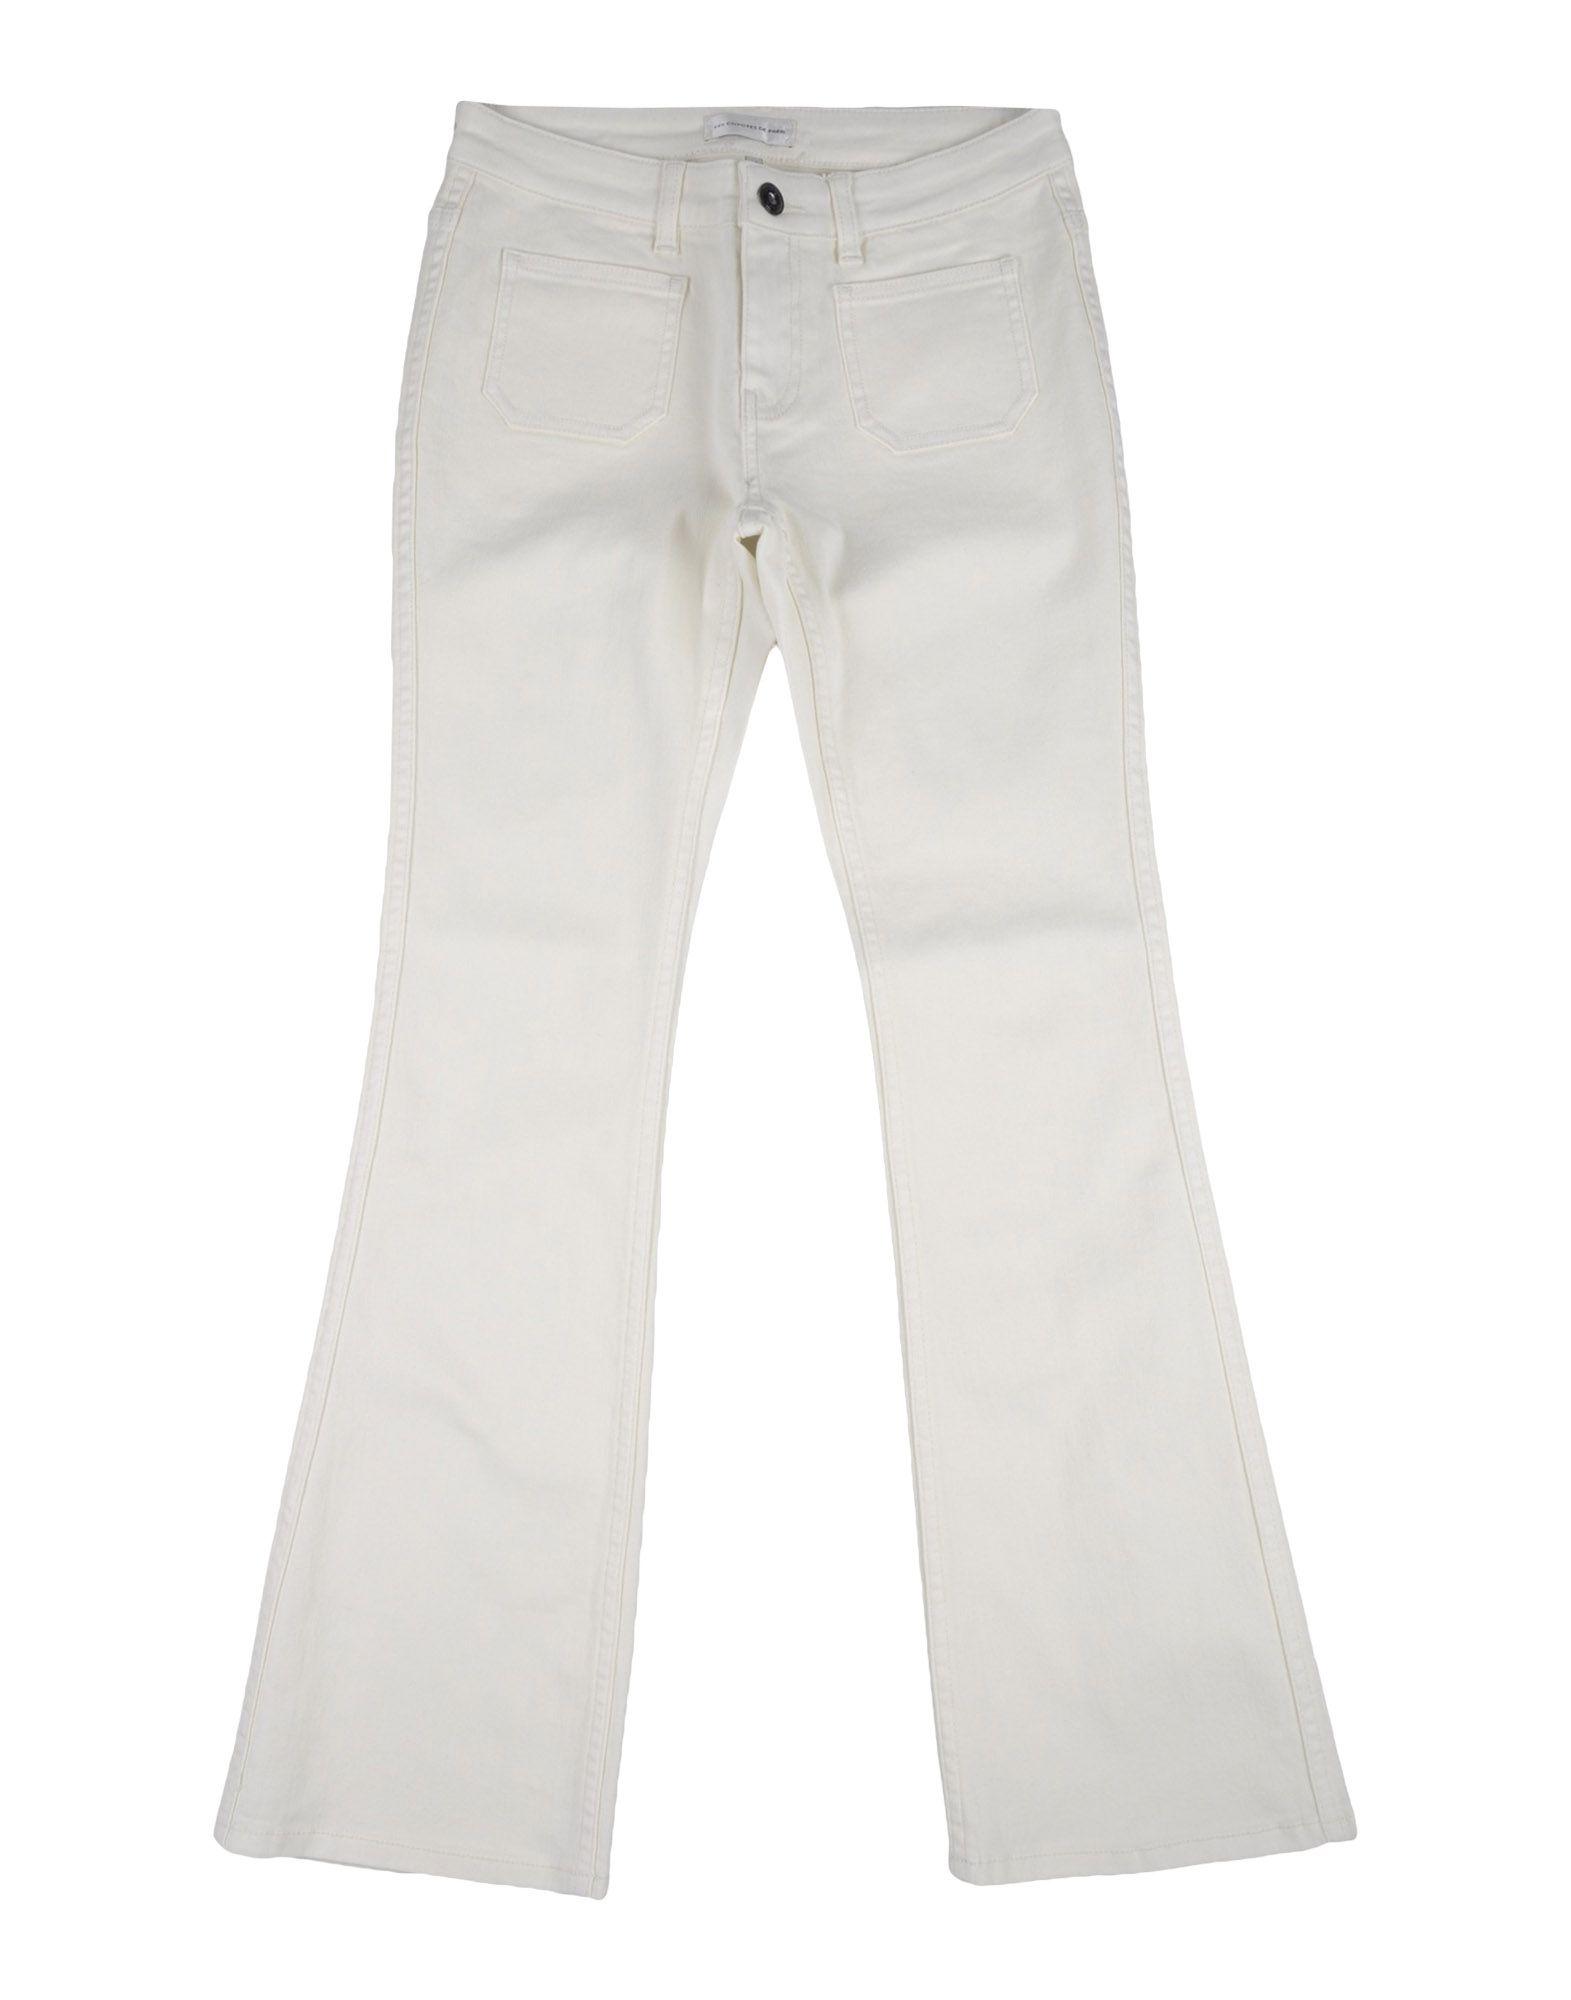 LES COYOTES DE PARIS Джинсовые брюки les prairies de paris повседневные шорты